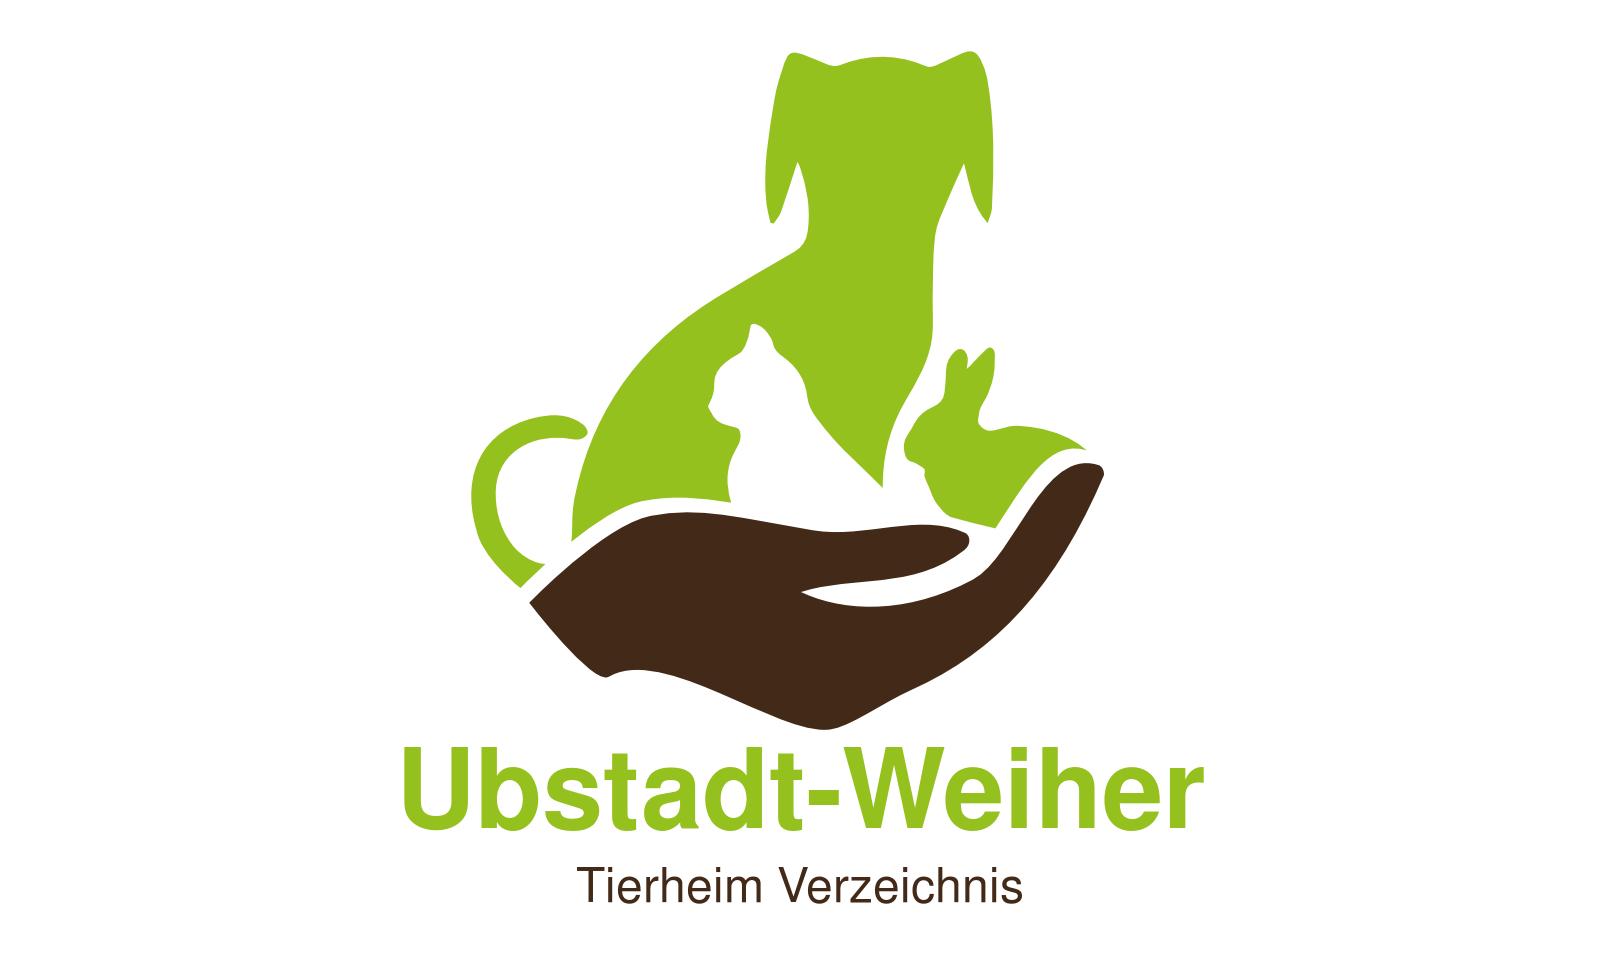 Tierheim Ubstadt-Weiher